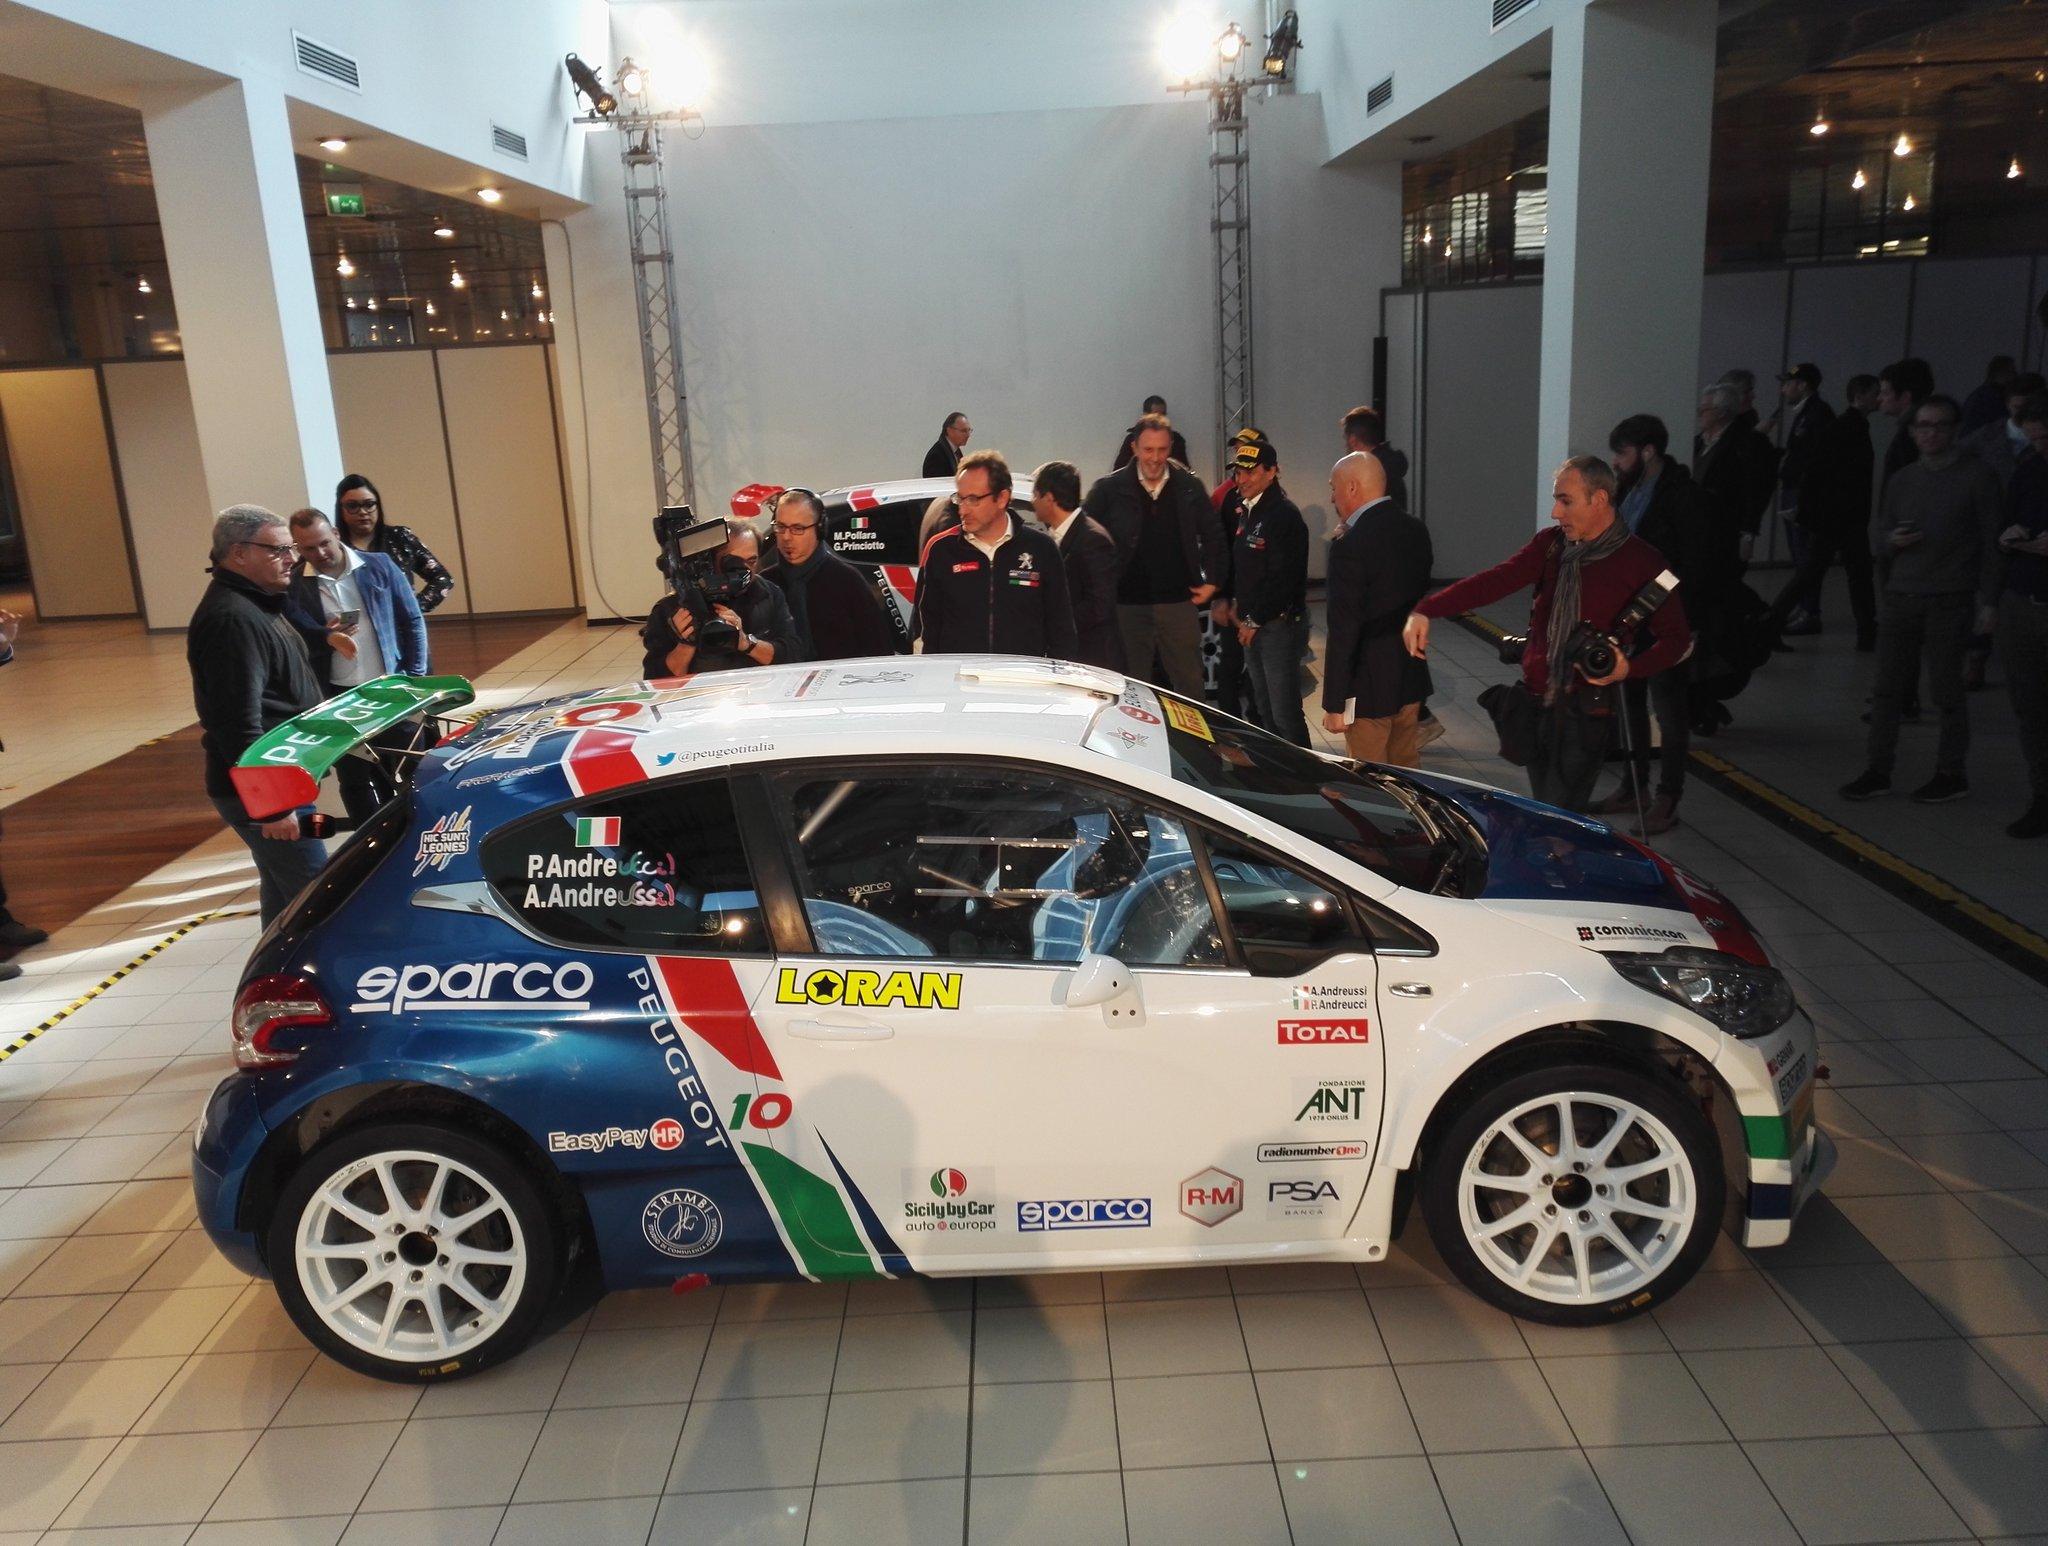 Nacionales de Rallyes Europeos(y no Europeos) 2018: Información y novedades - Página 4 DXCqvhaX0AQtHl5